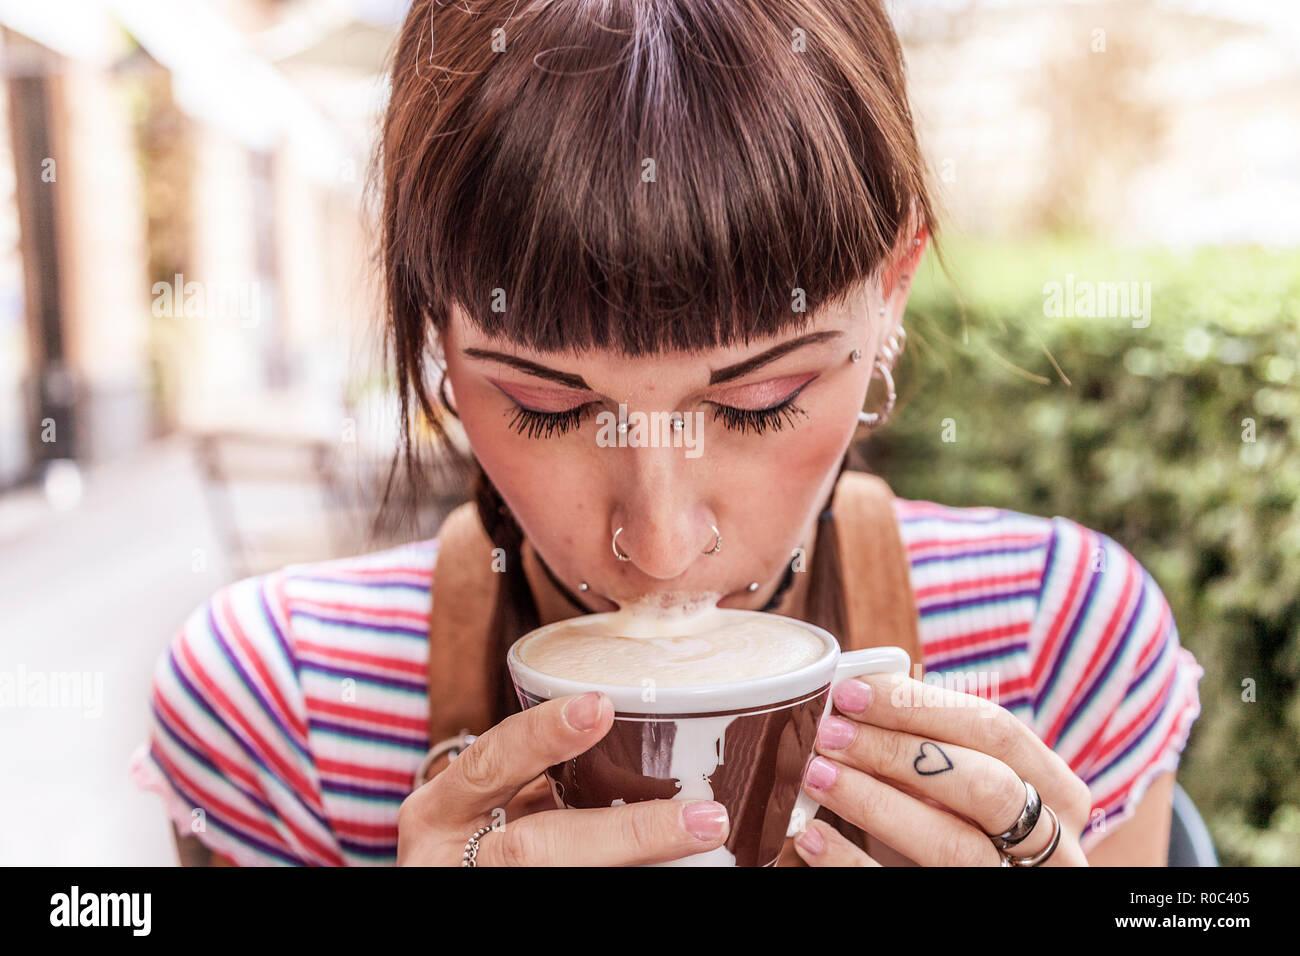 Junge Frau mit blauen Augen ihre Lippen mit Sahne dirty beim Trinken einen italienischen Cappuccino Stockfoto